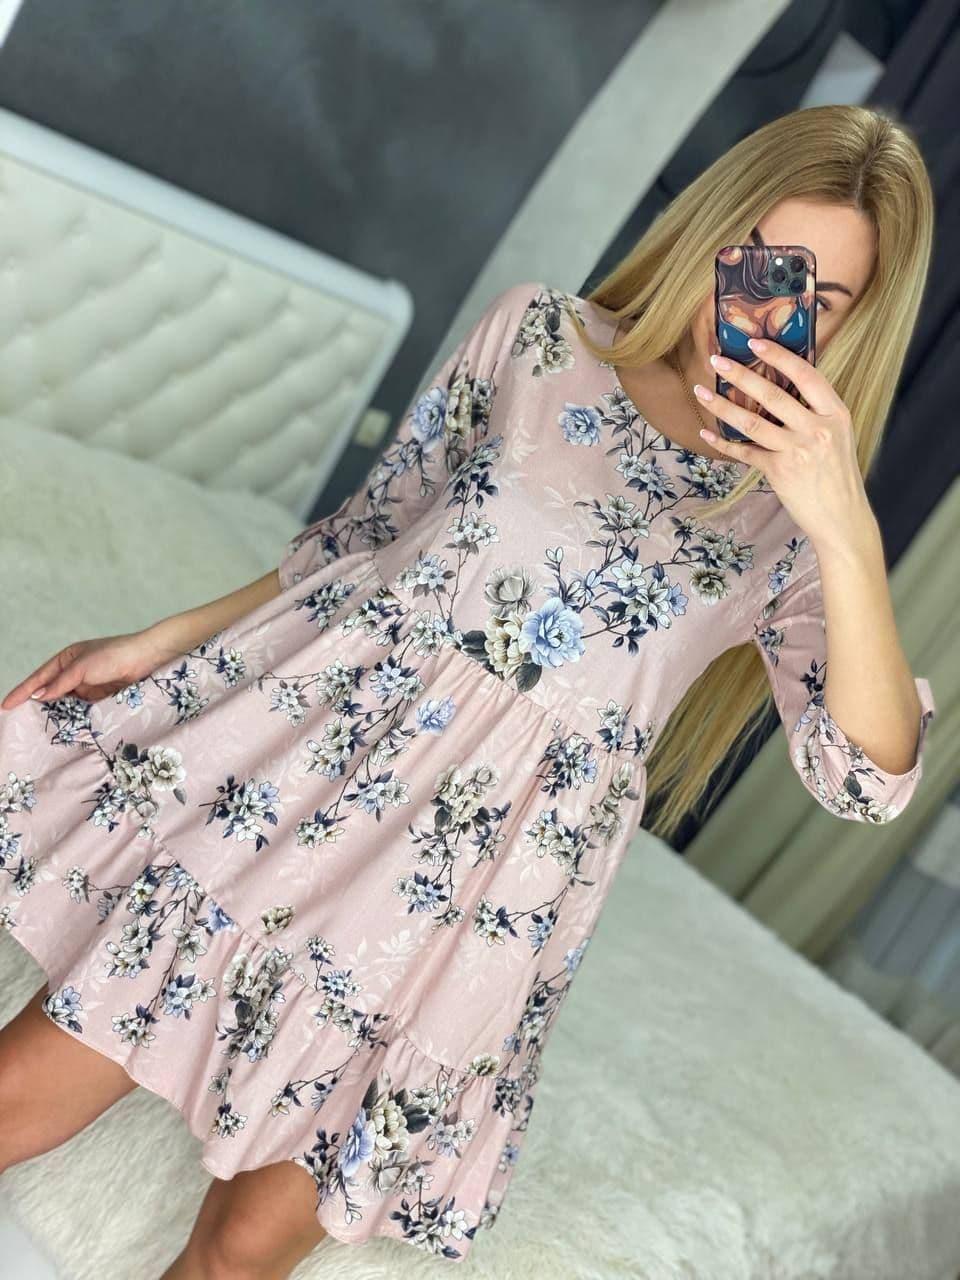 Стильне повітряне плаття до коліна висока талія з рукавом у квітку або горошок